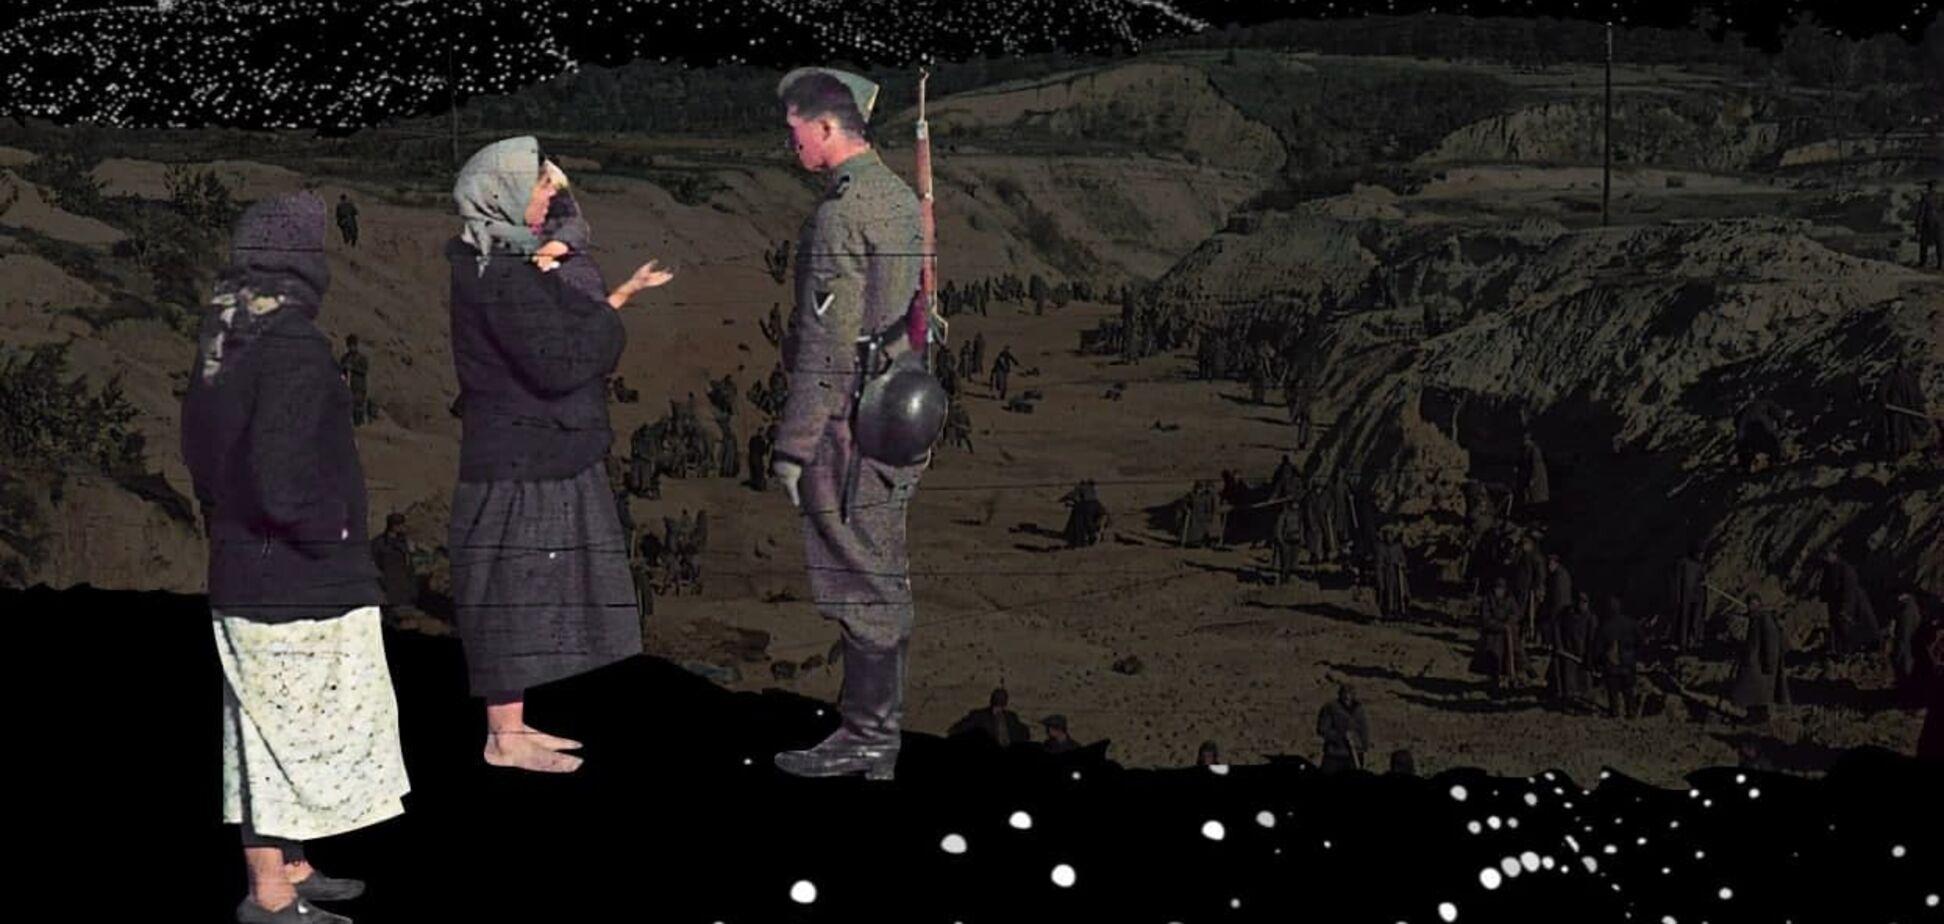 Мемориальный центр Холокоста 'Бабий Яр' представит аудиоспектакль '29/09'